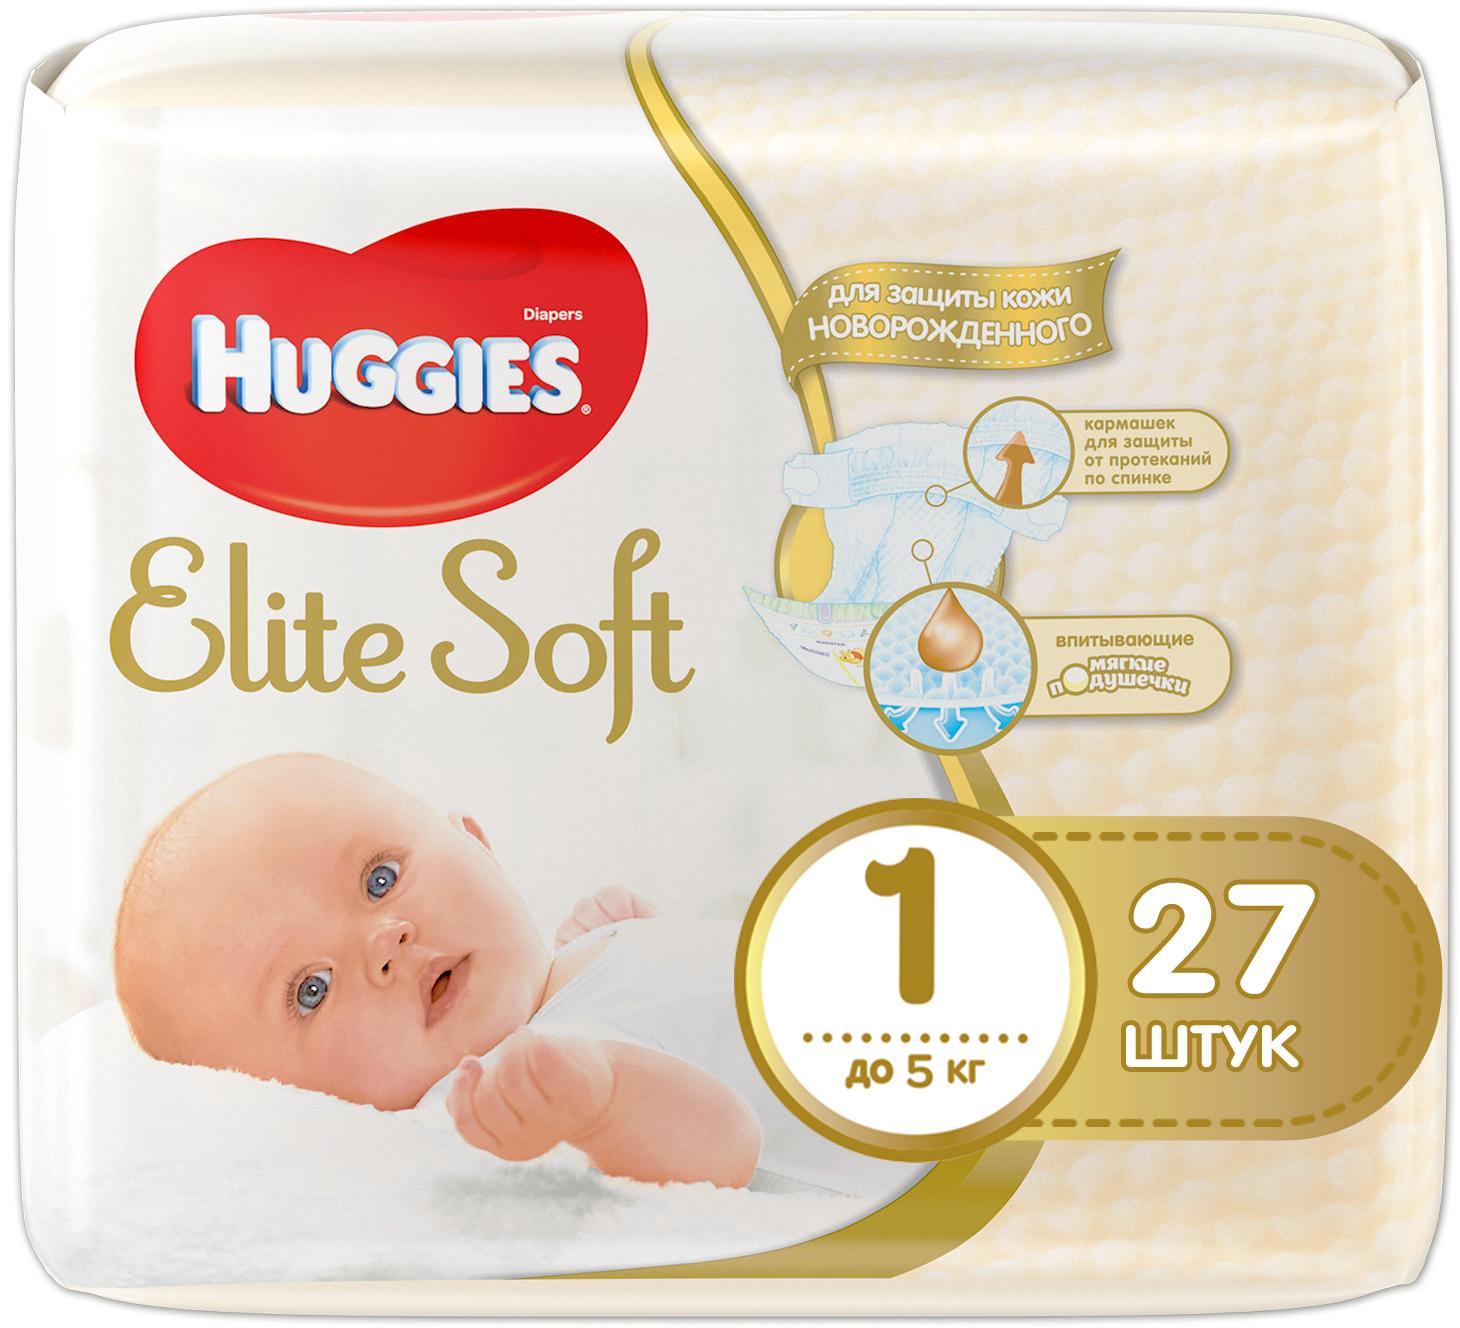 Купить Подгузники, Elite Soft 1 (до 5 кг) 27 шт., Huggies, Россия